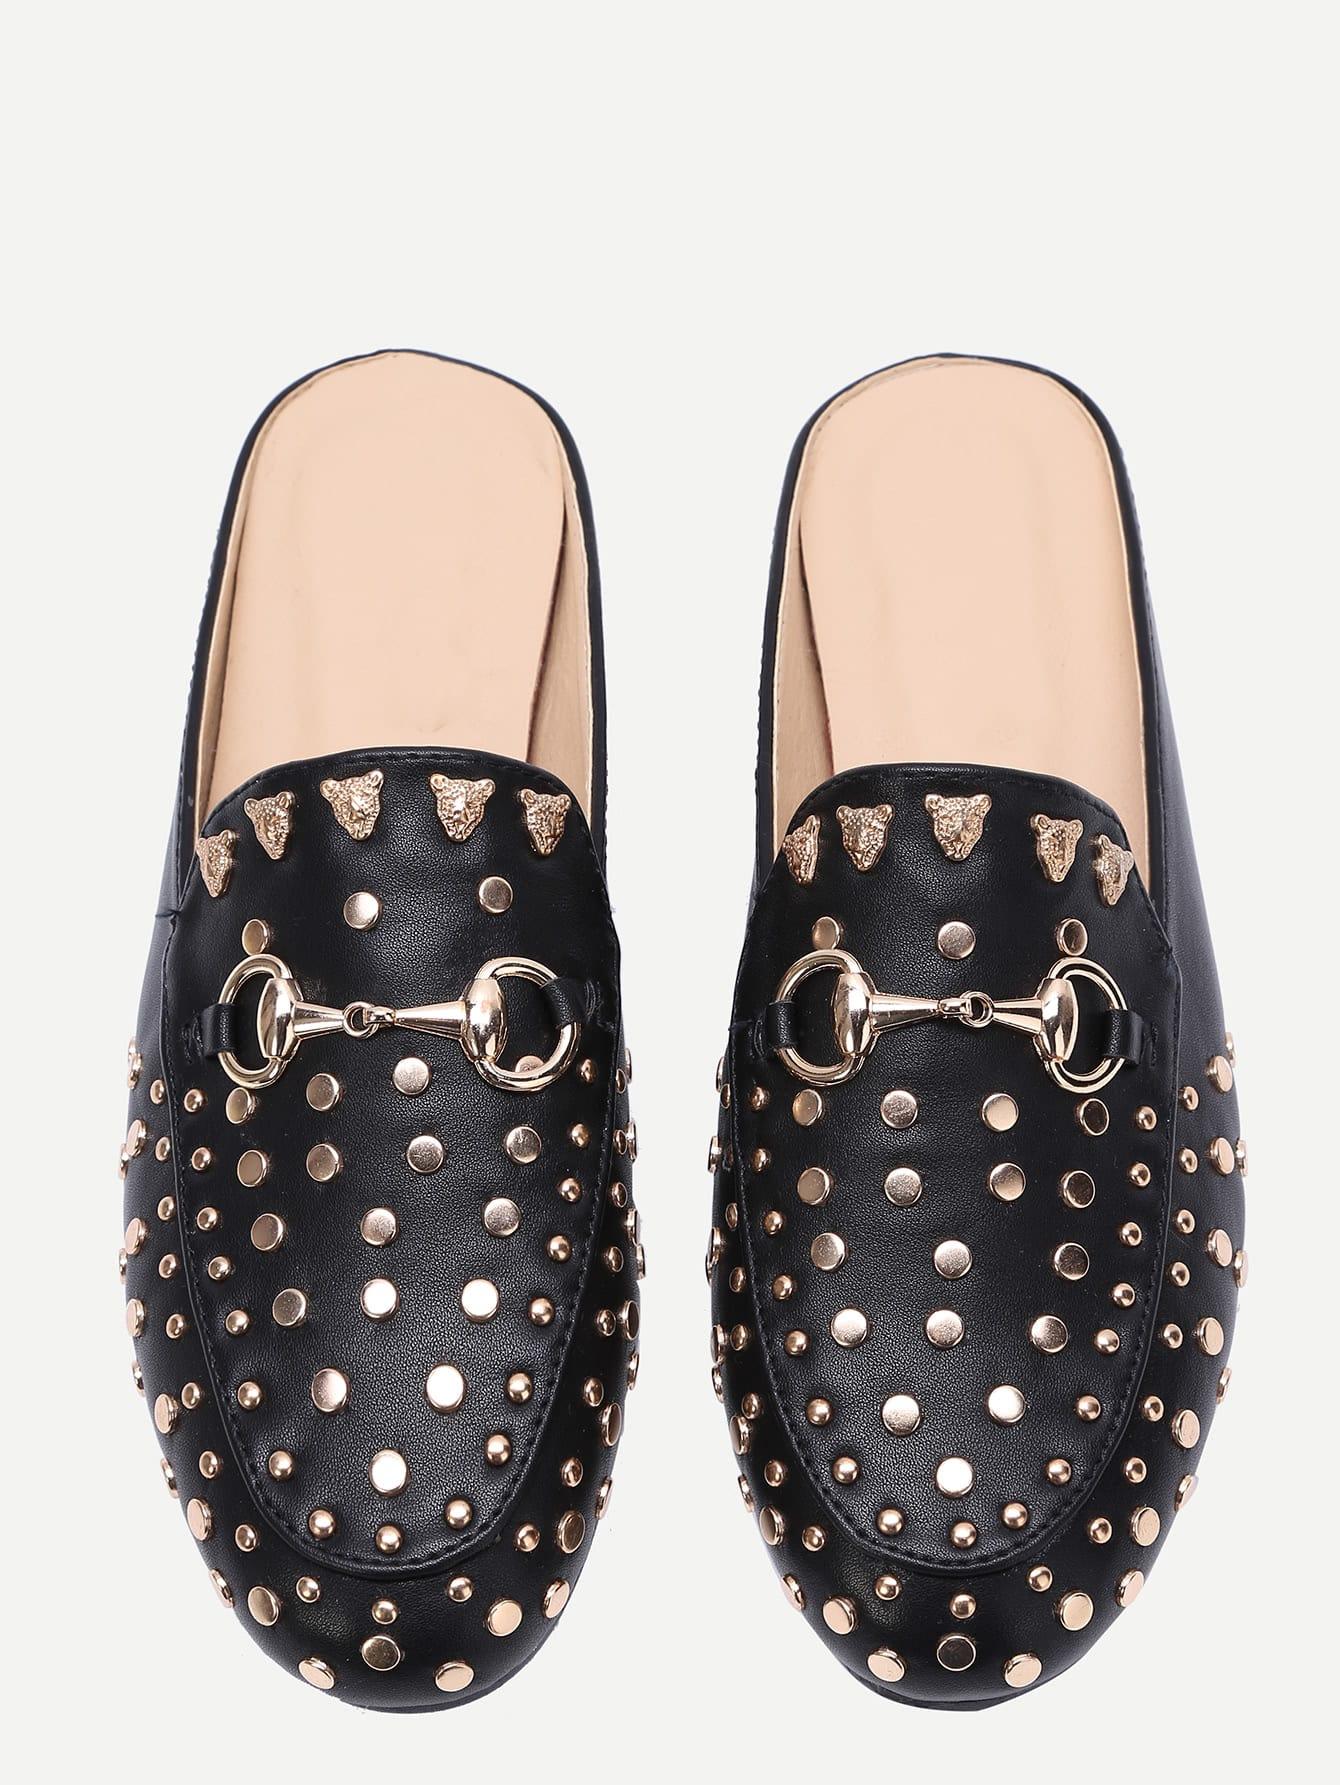 shoes161229805_2